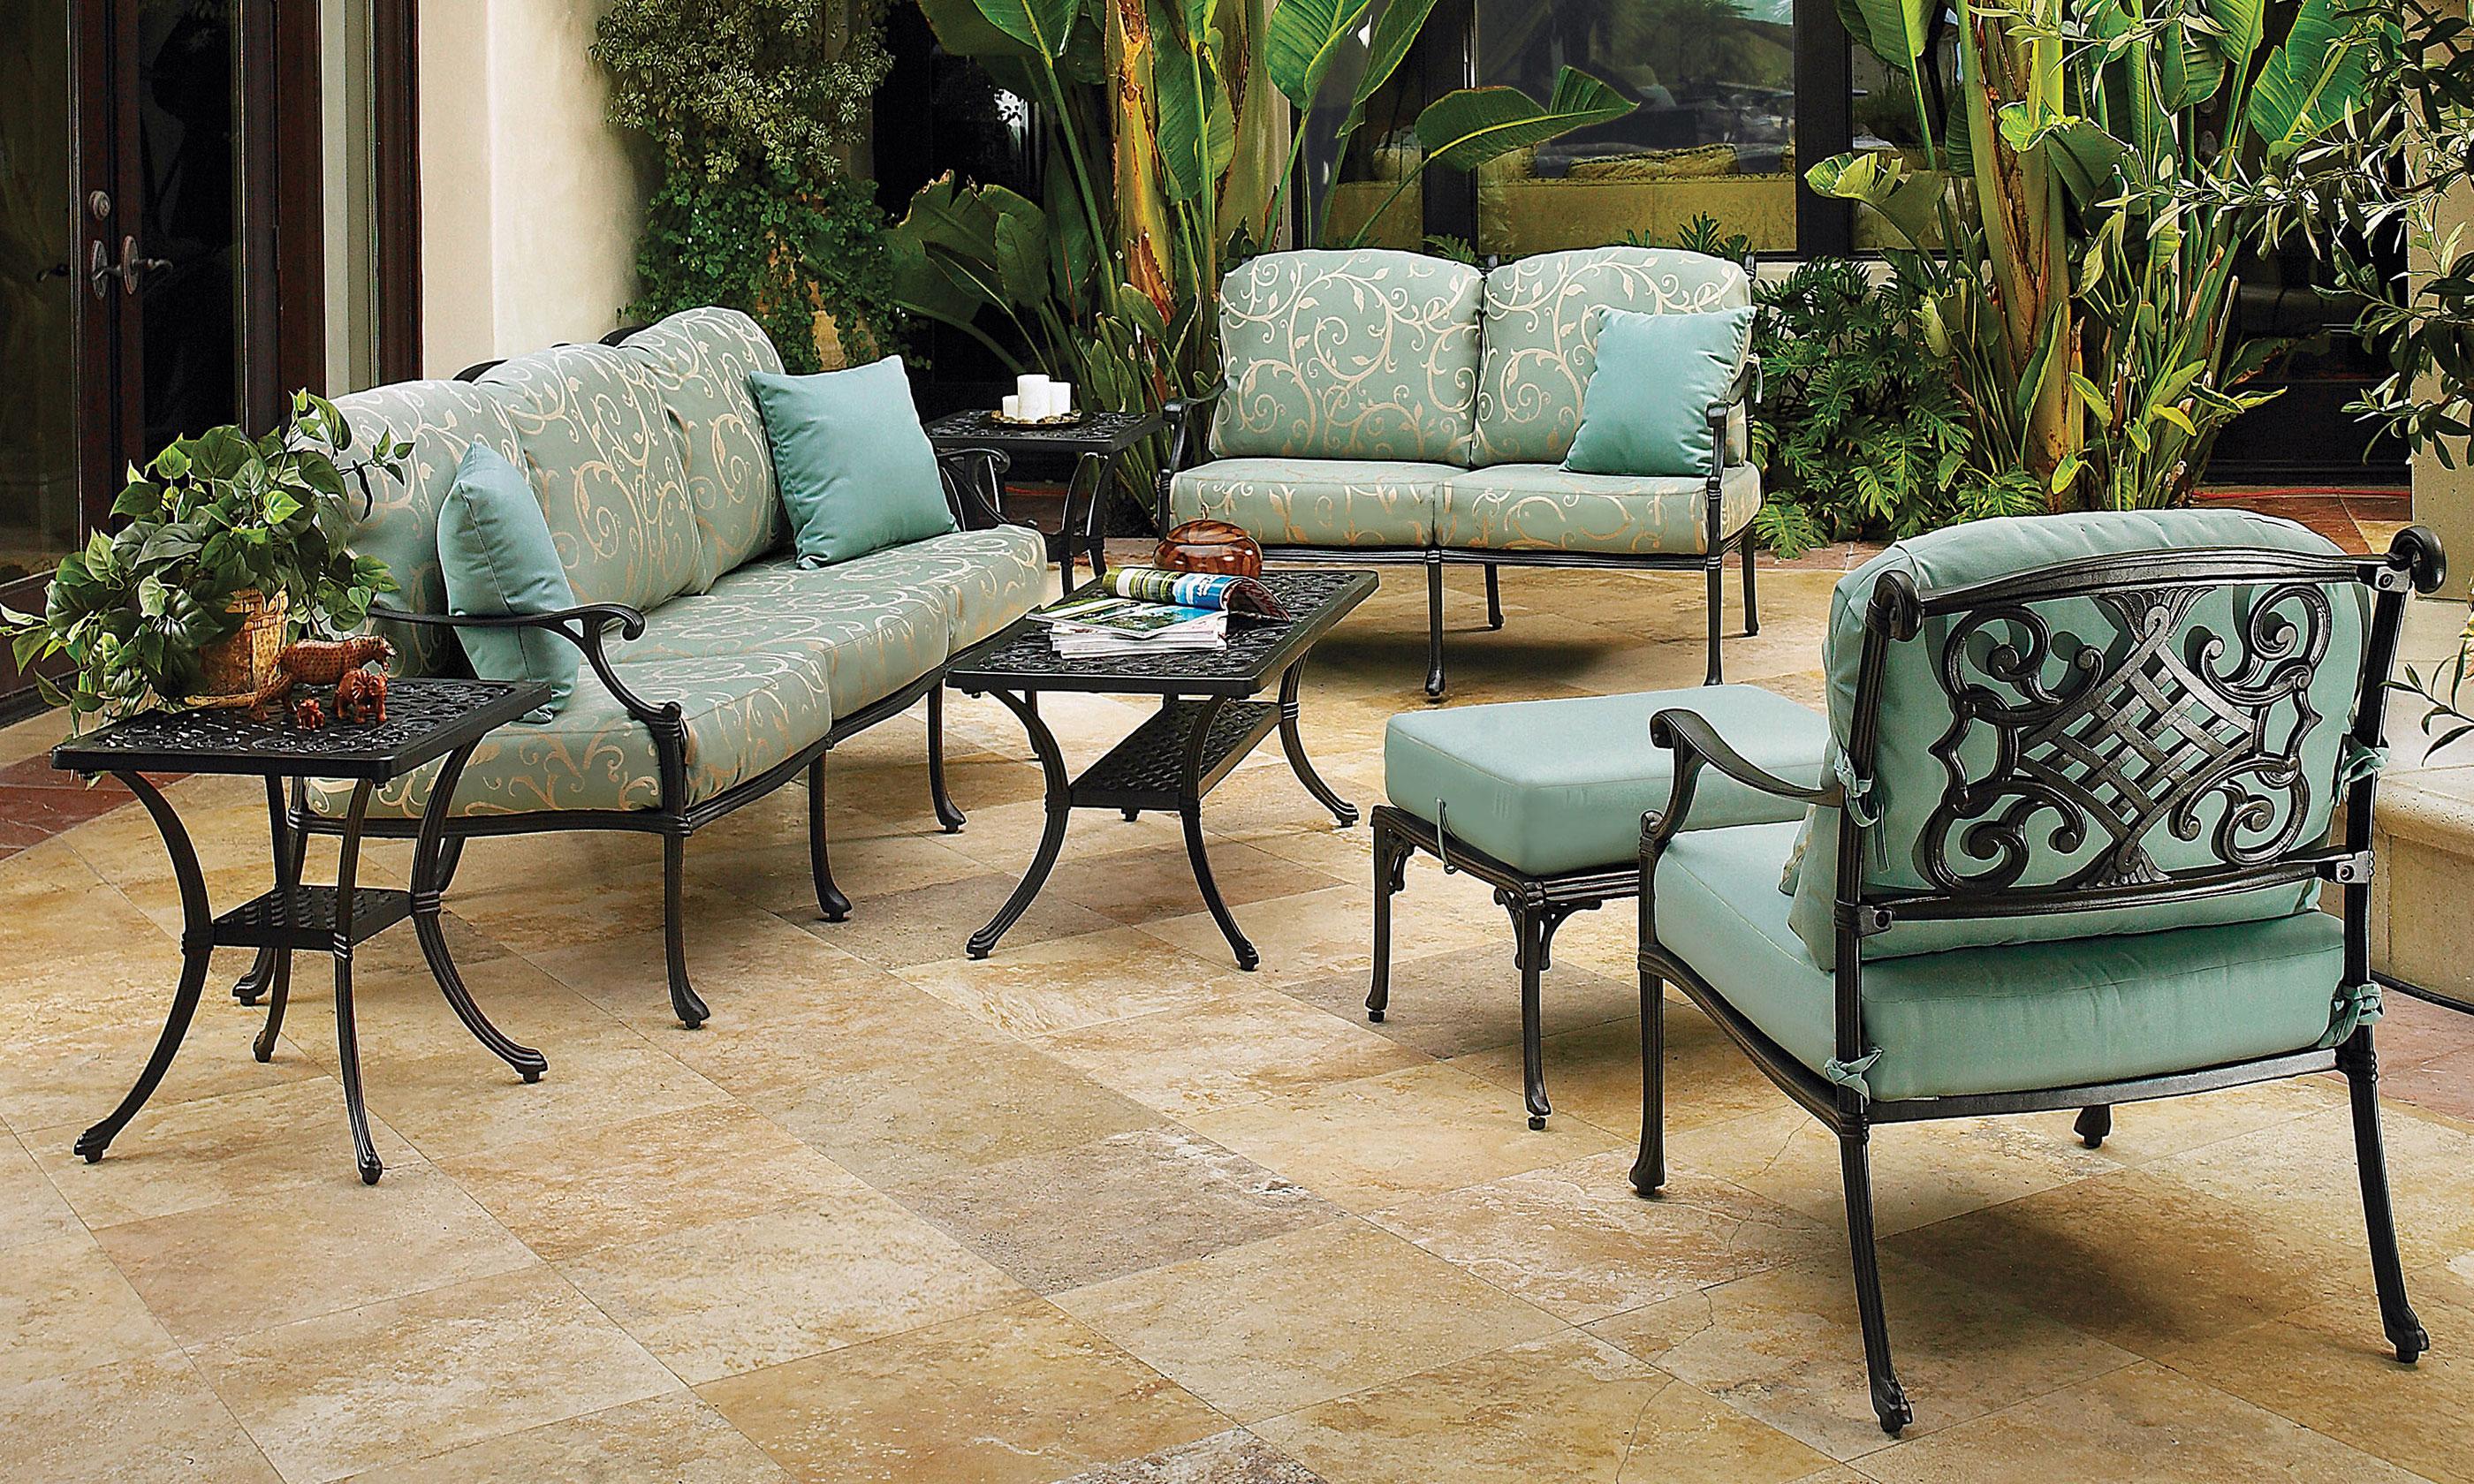 Outdoor Furniture U003e Furniture Collections U003e Michigan   Gensun